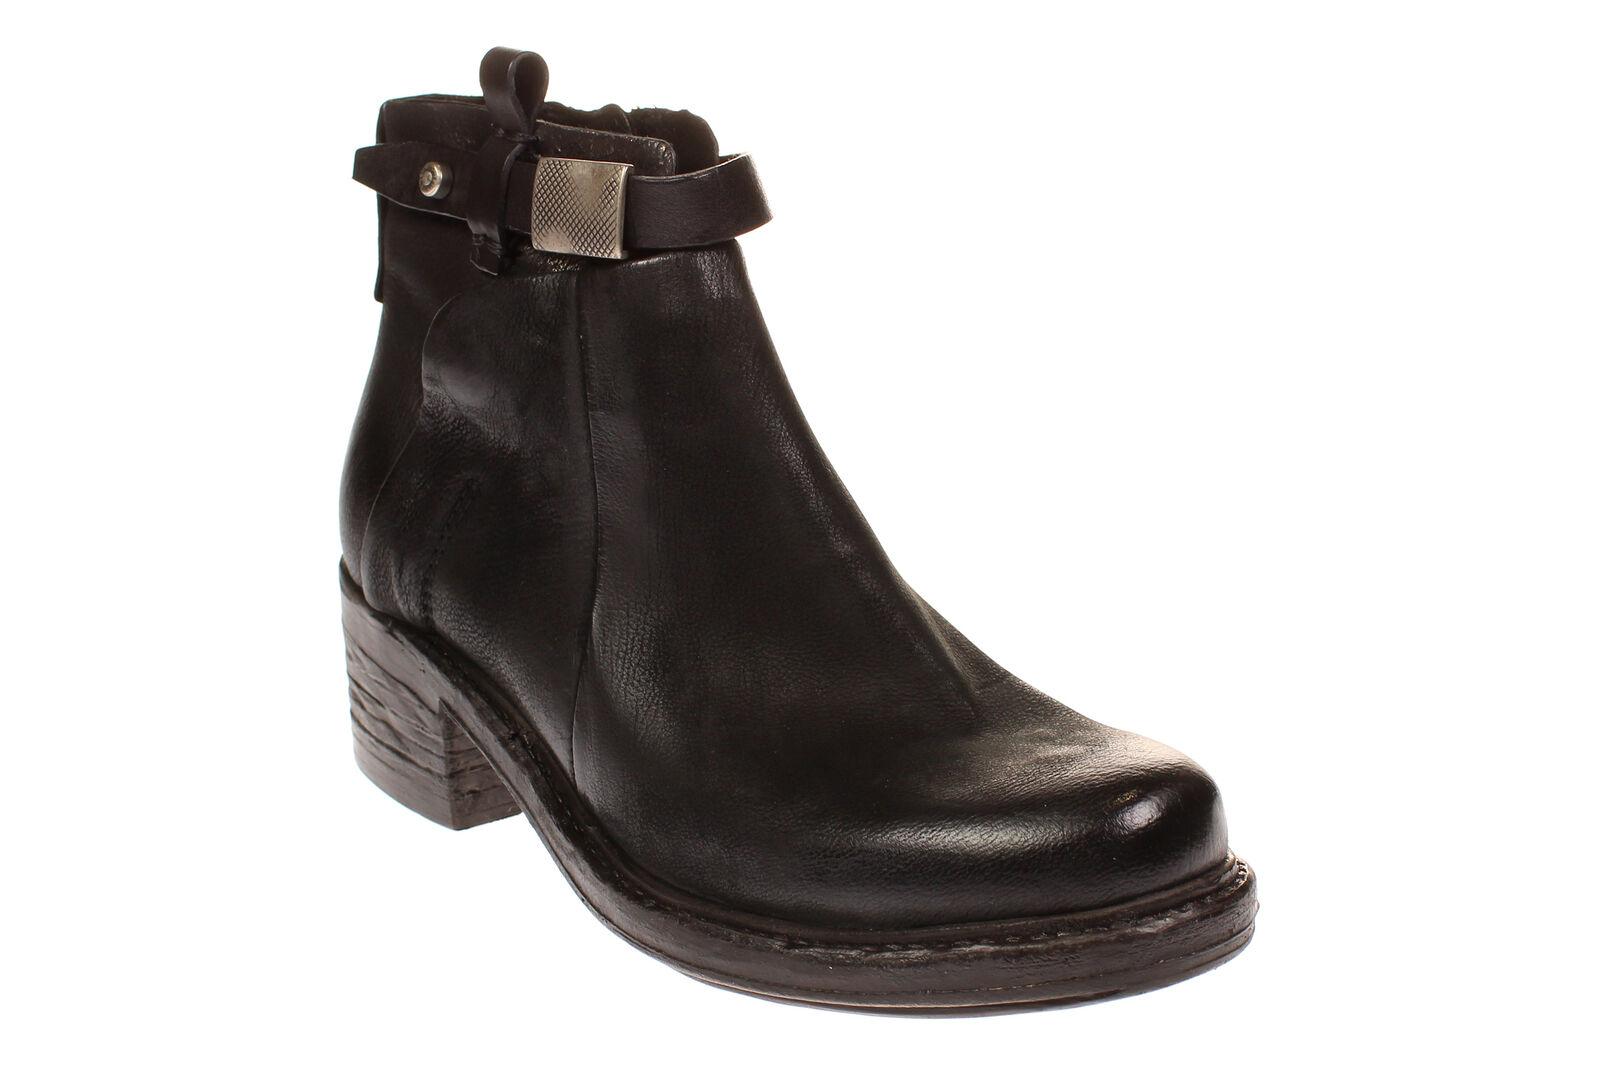 A.s.98 261225-101 - - señora zapatos botas botas - - 6002-negro-negro 7105cc